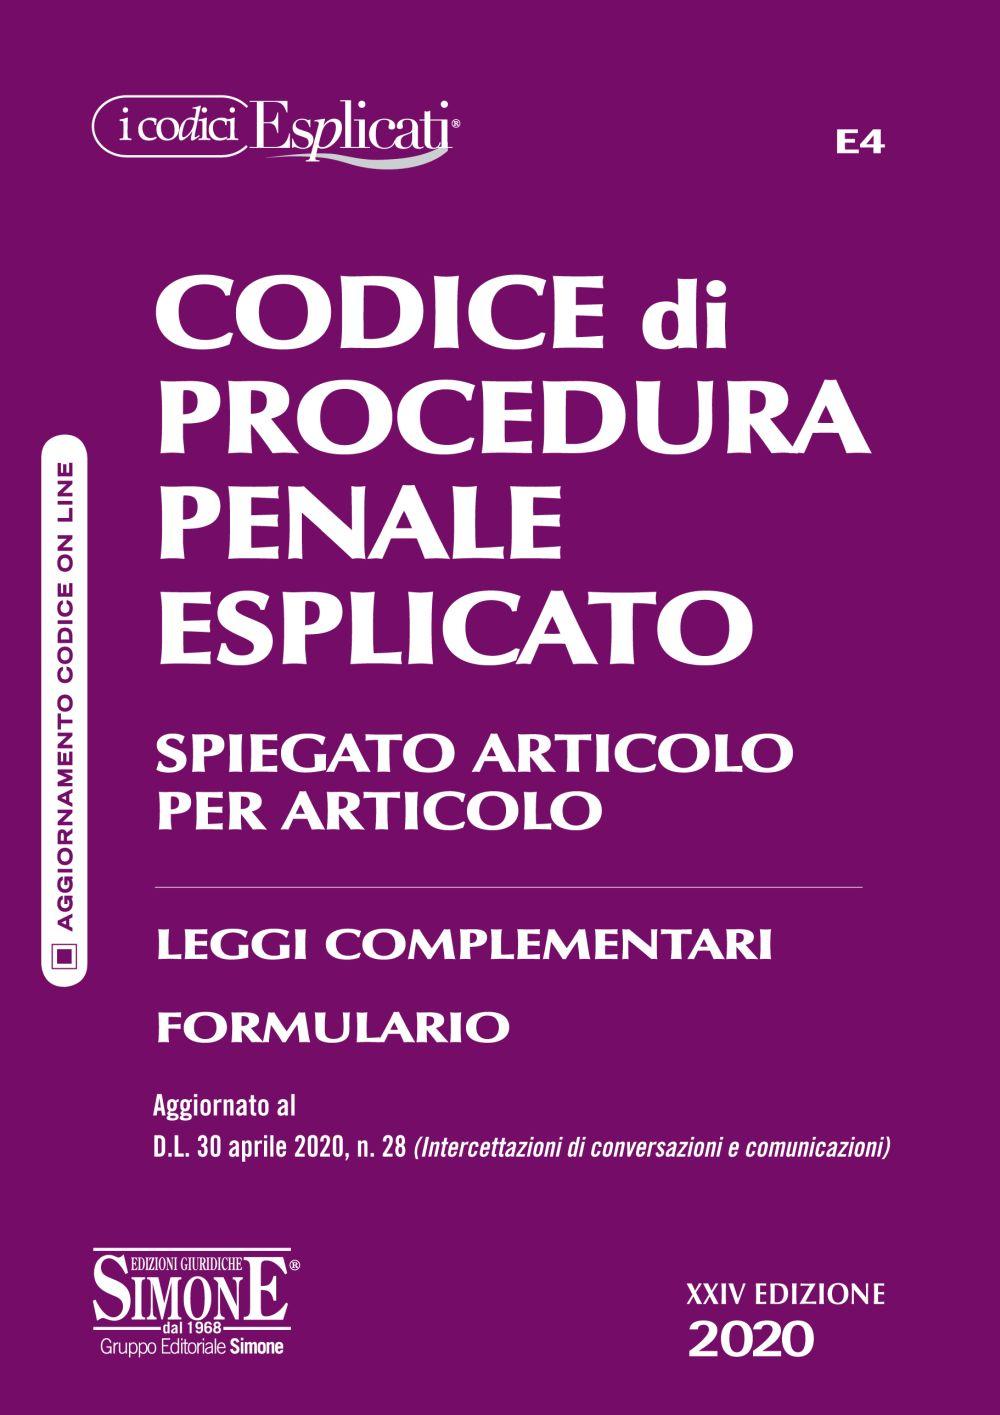 Codice Procedura Penale Esplicato